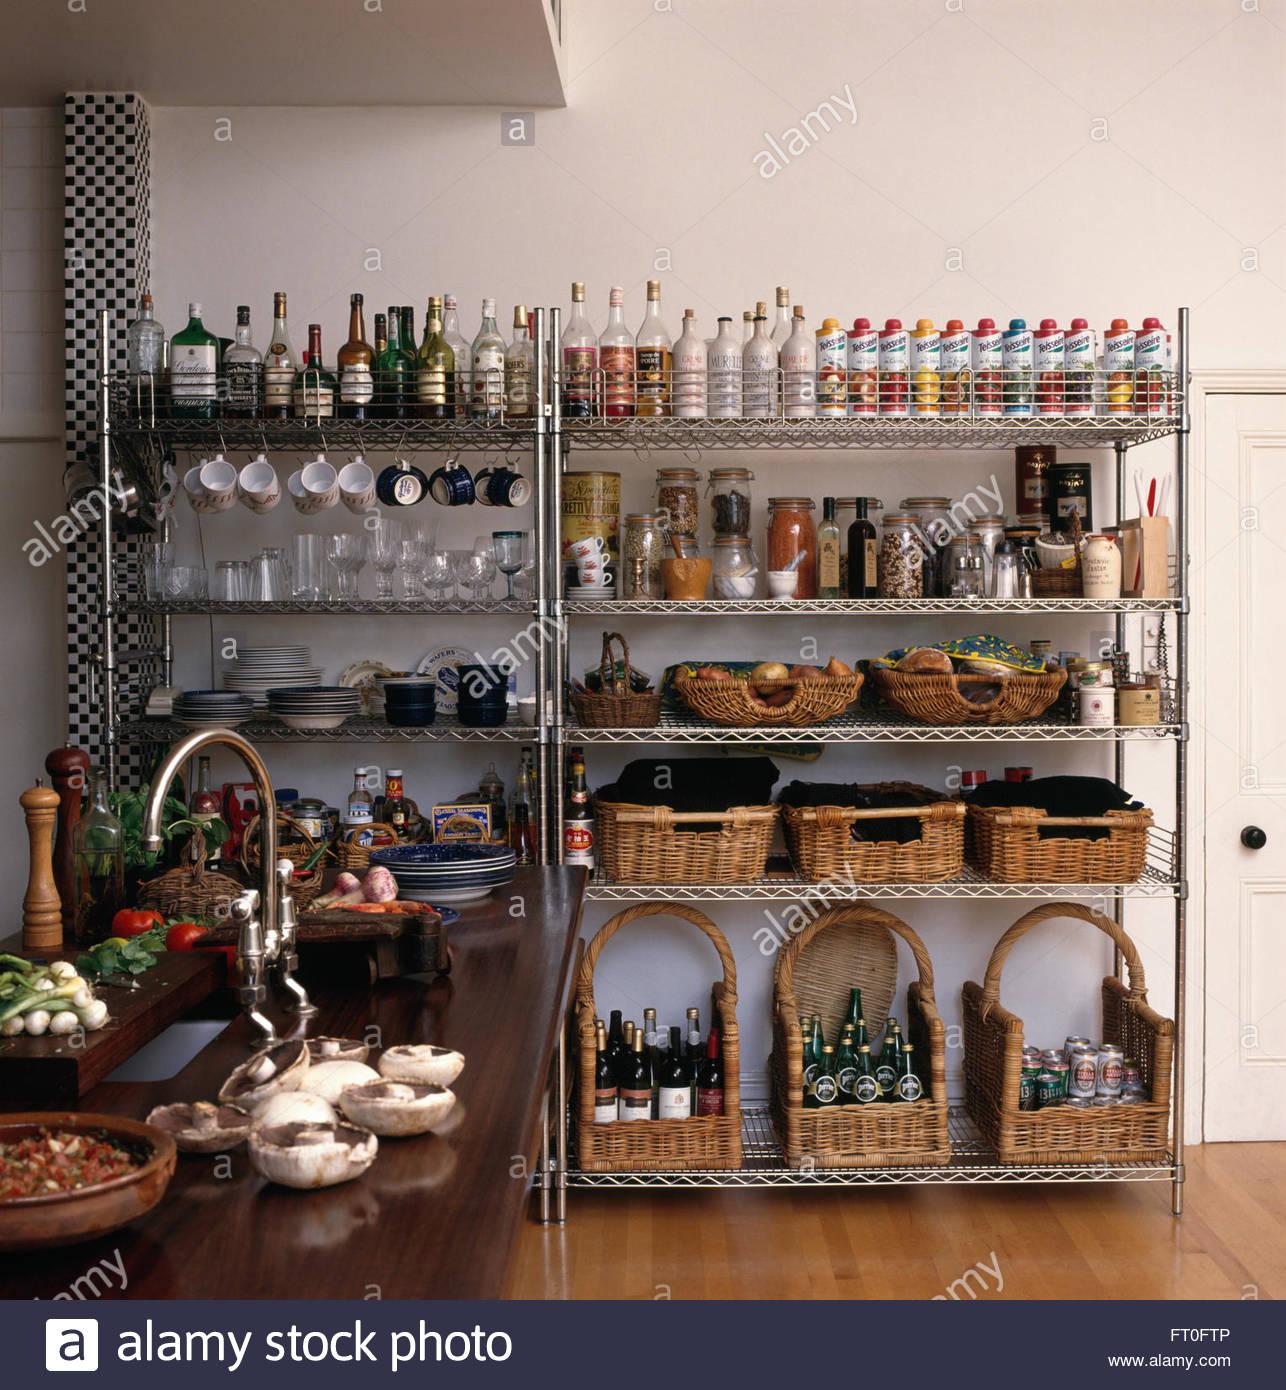 Full Size of Aufbewahrung Krbe Und Reihen Von Flaschen Auf Edelstahl Regale In Industrie Küche Handtuchhalter Deckenlampe Granitplatten Wasserhähne Miniküche Mit Wohnzimmer Aufbewahrung Küche